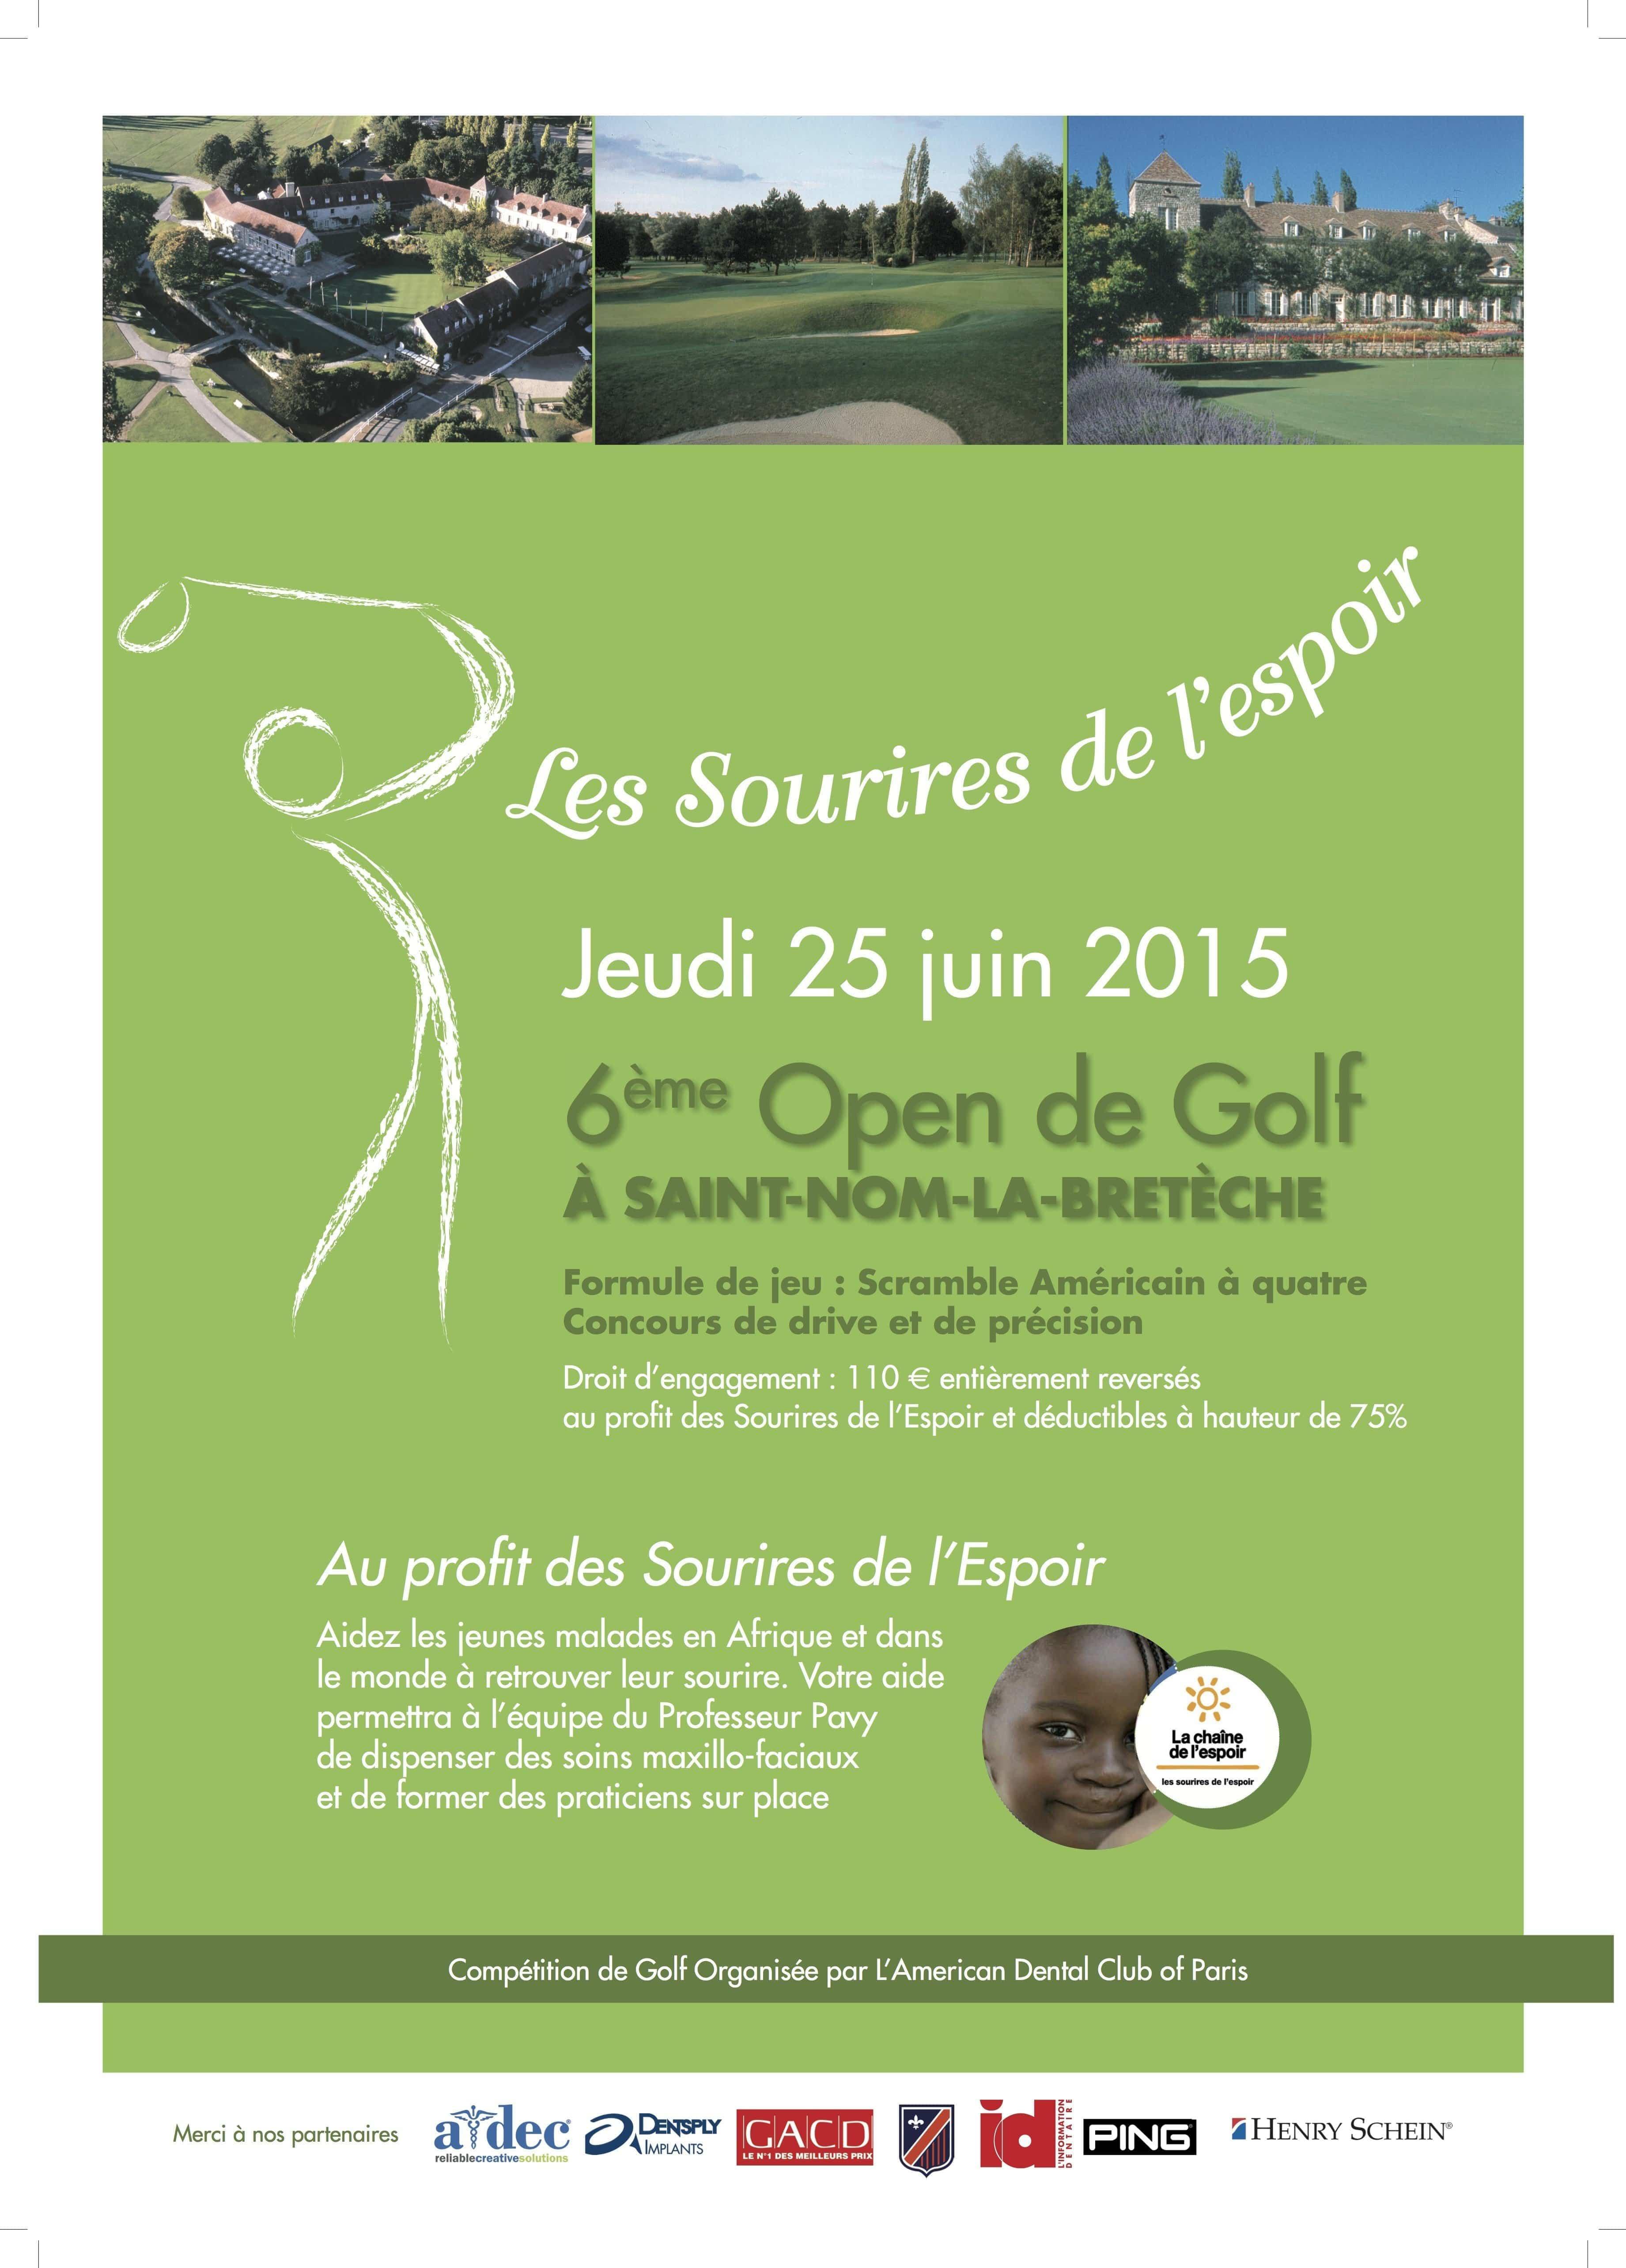 Tournoi de golf de Saint-Nom La Brêteche